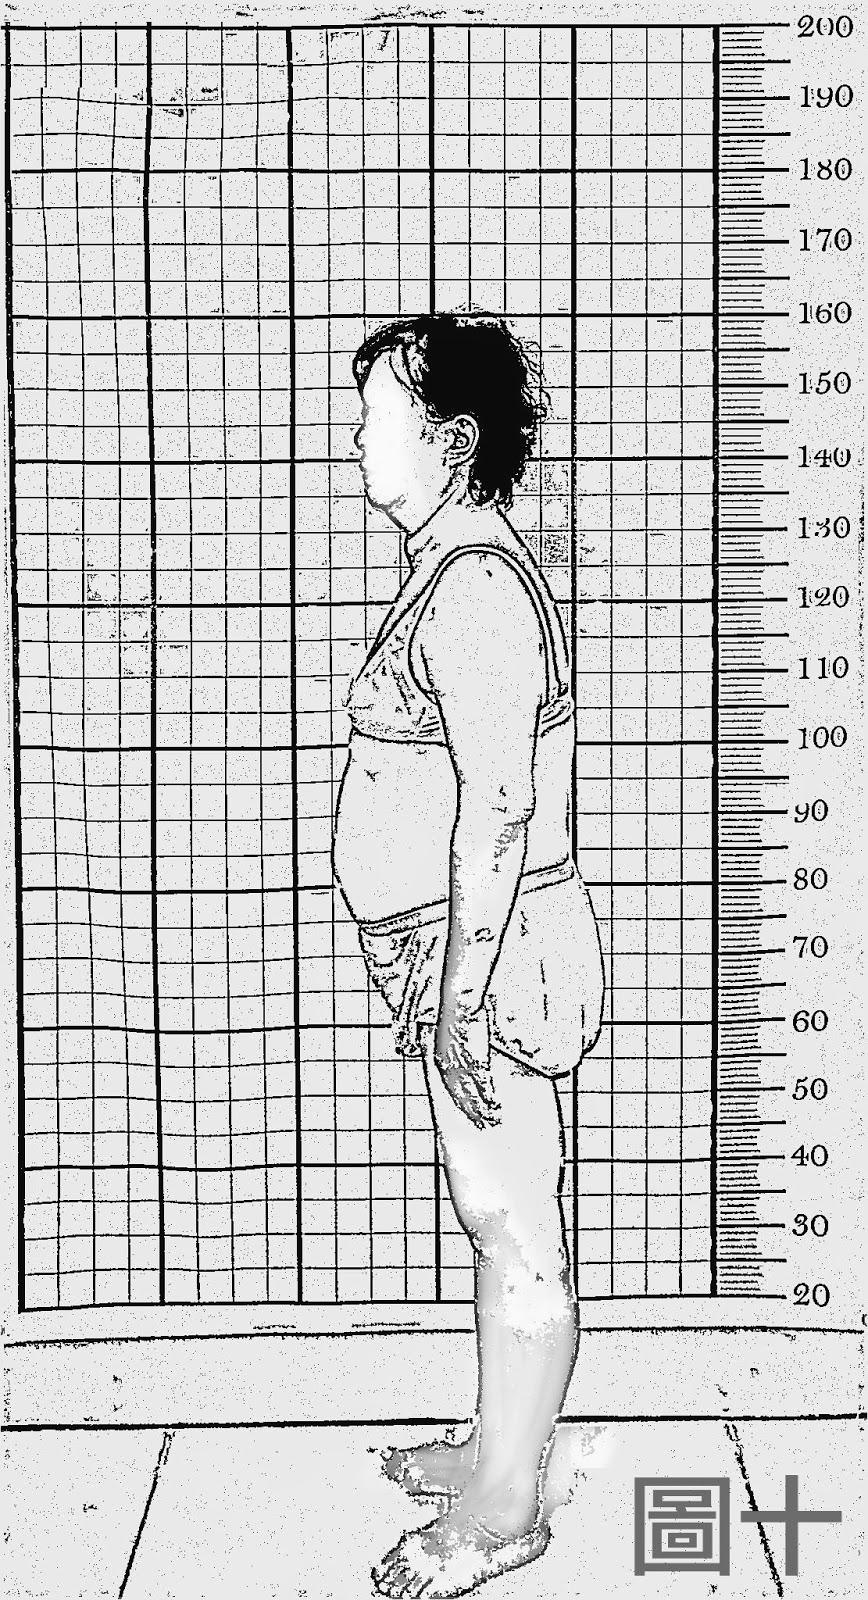 脊椎側彎, 脊椎側彎矯正, 脊椎側彎治療, 骨盆傾斜, 脊椎側彎 瑜珈, 脊椎側彎復健